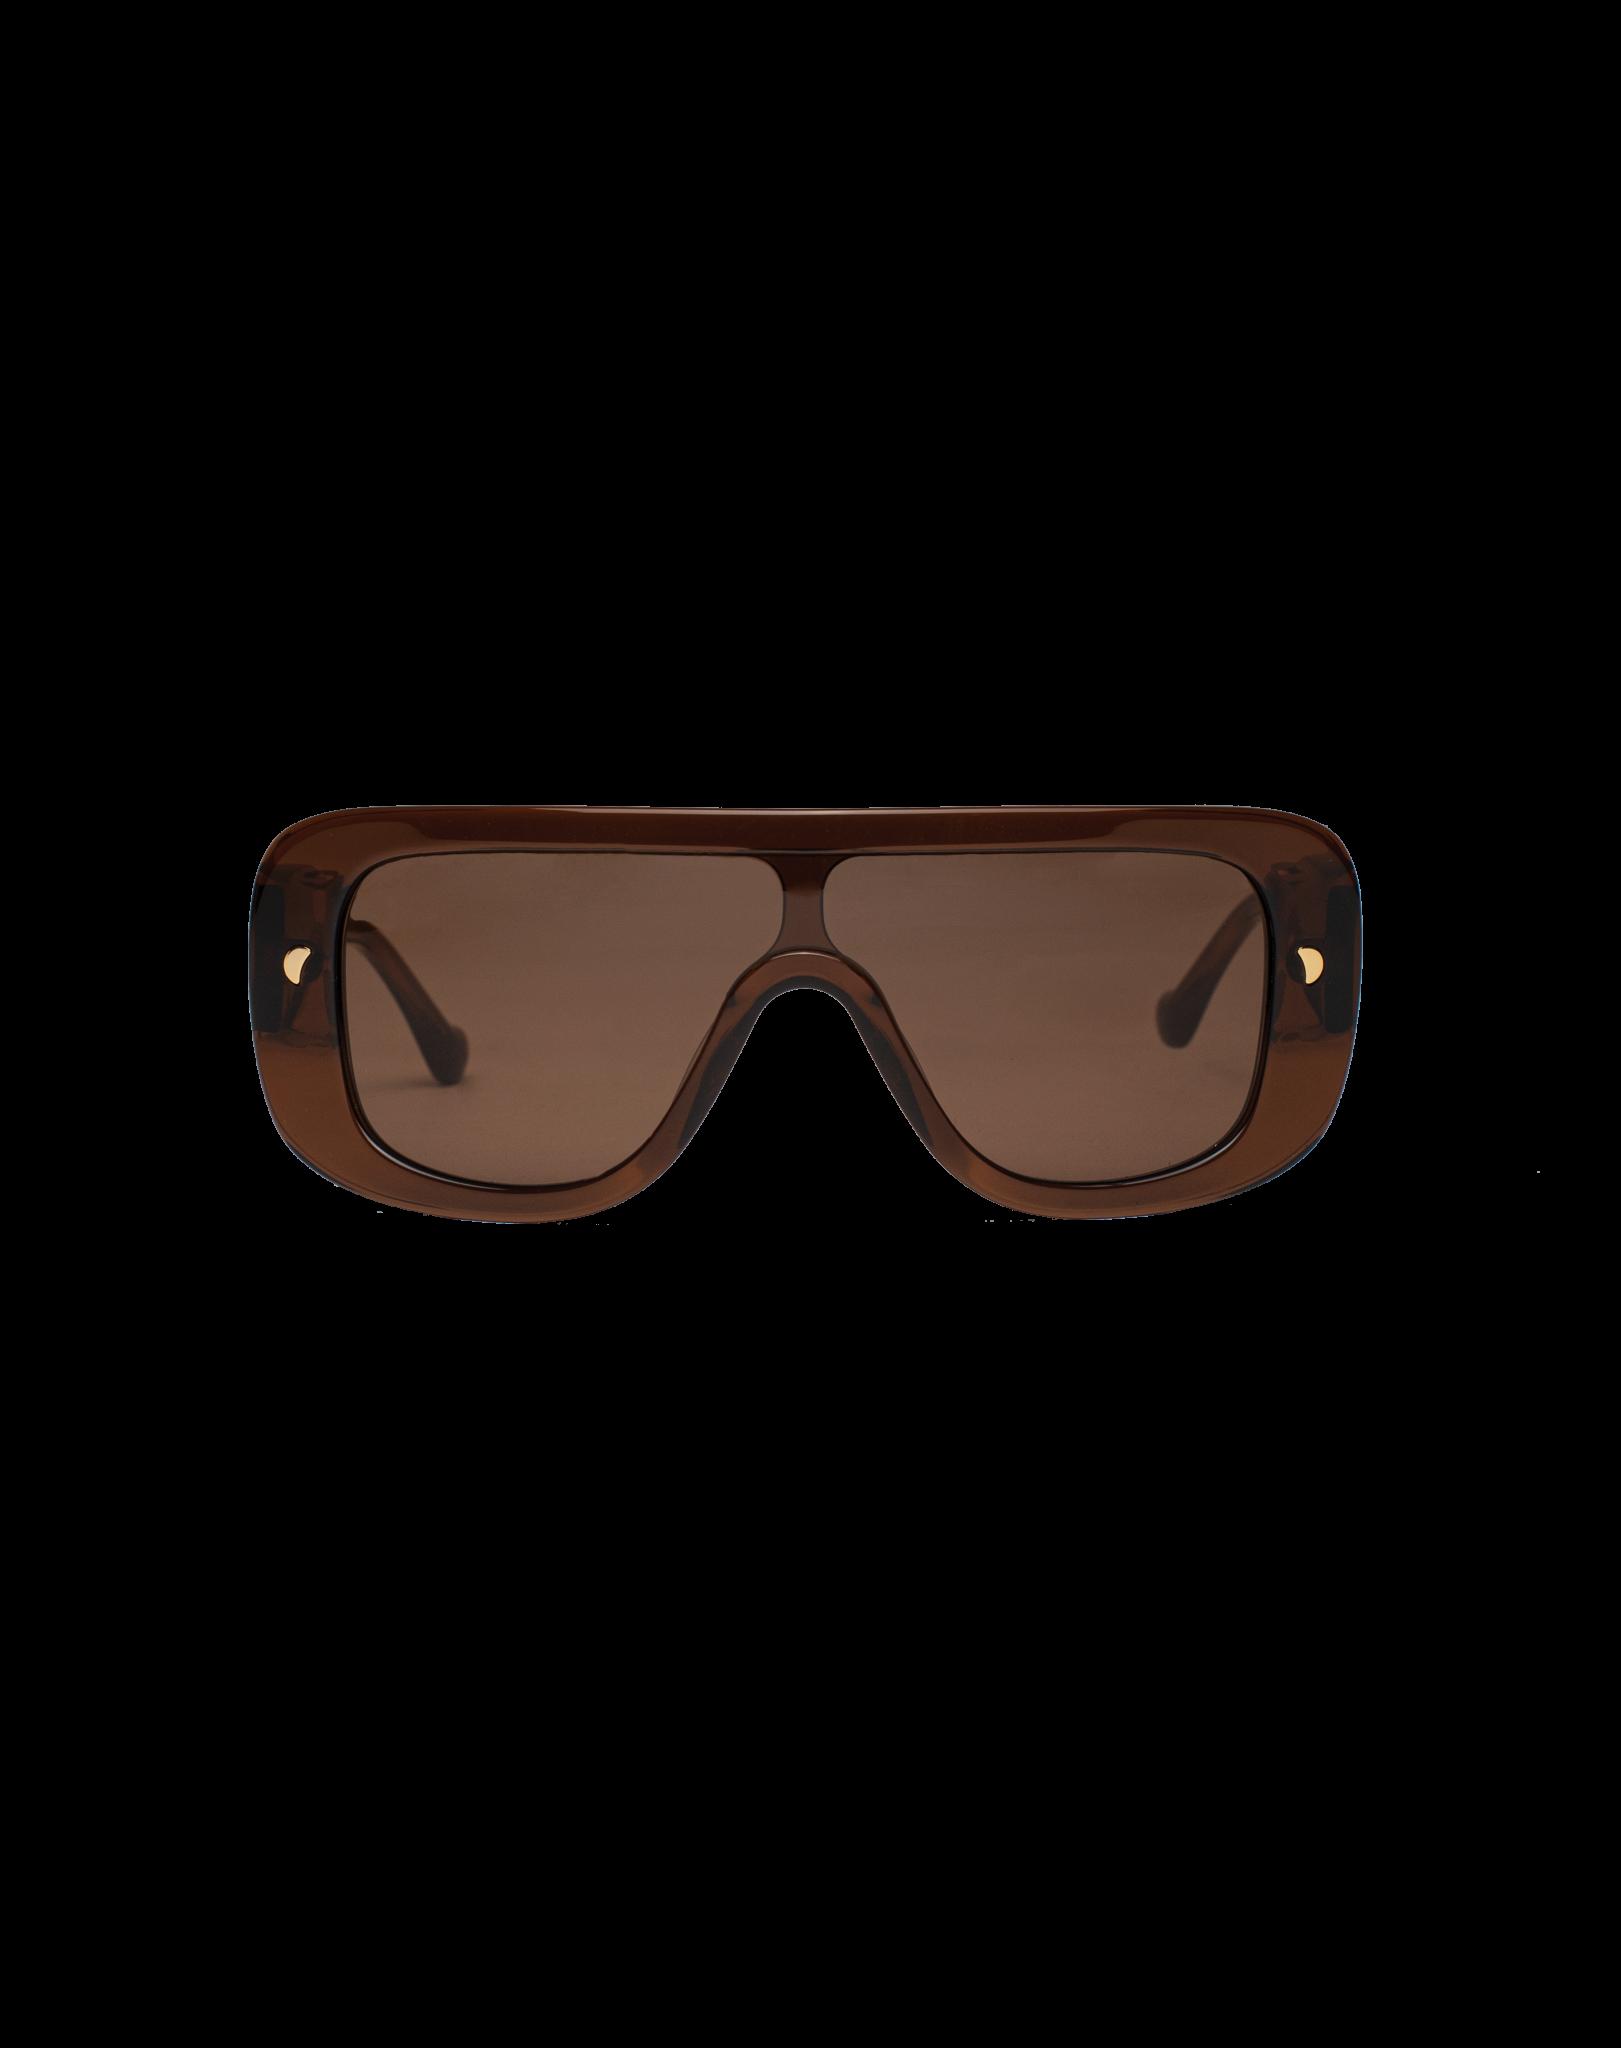 Sunglasses Guide 2021 - Nanushka